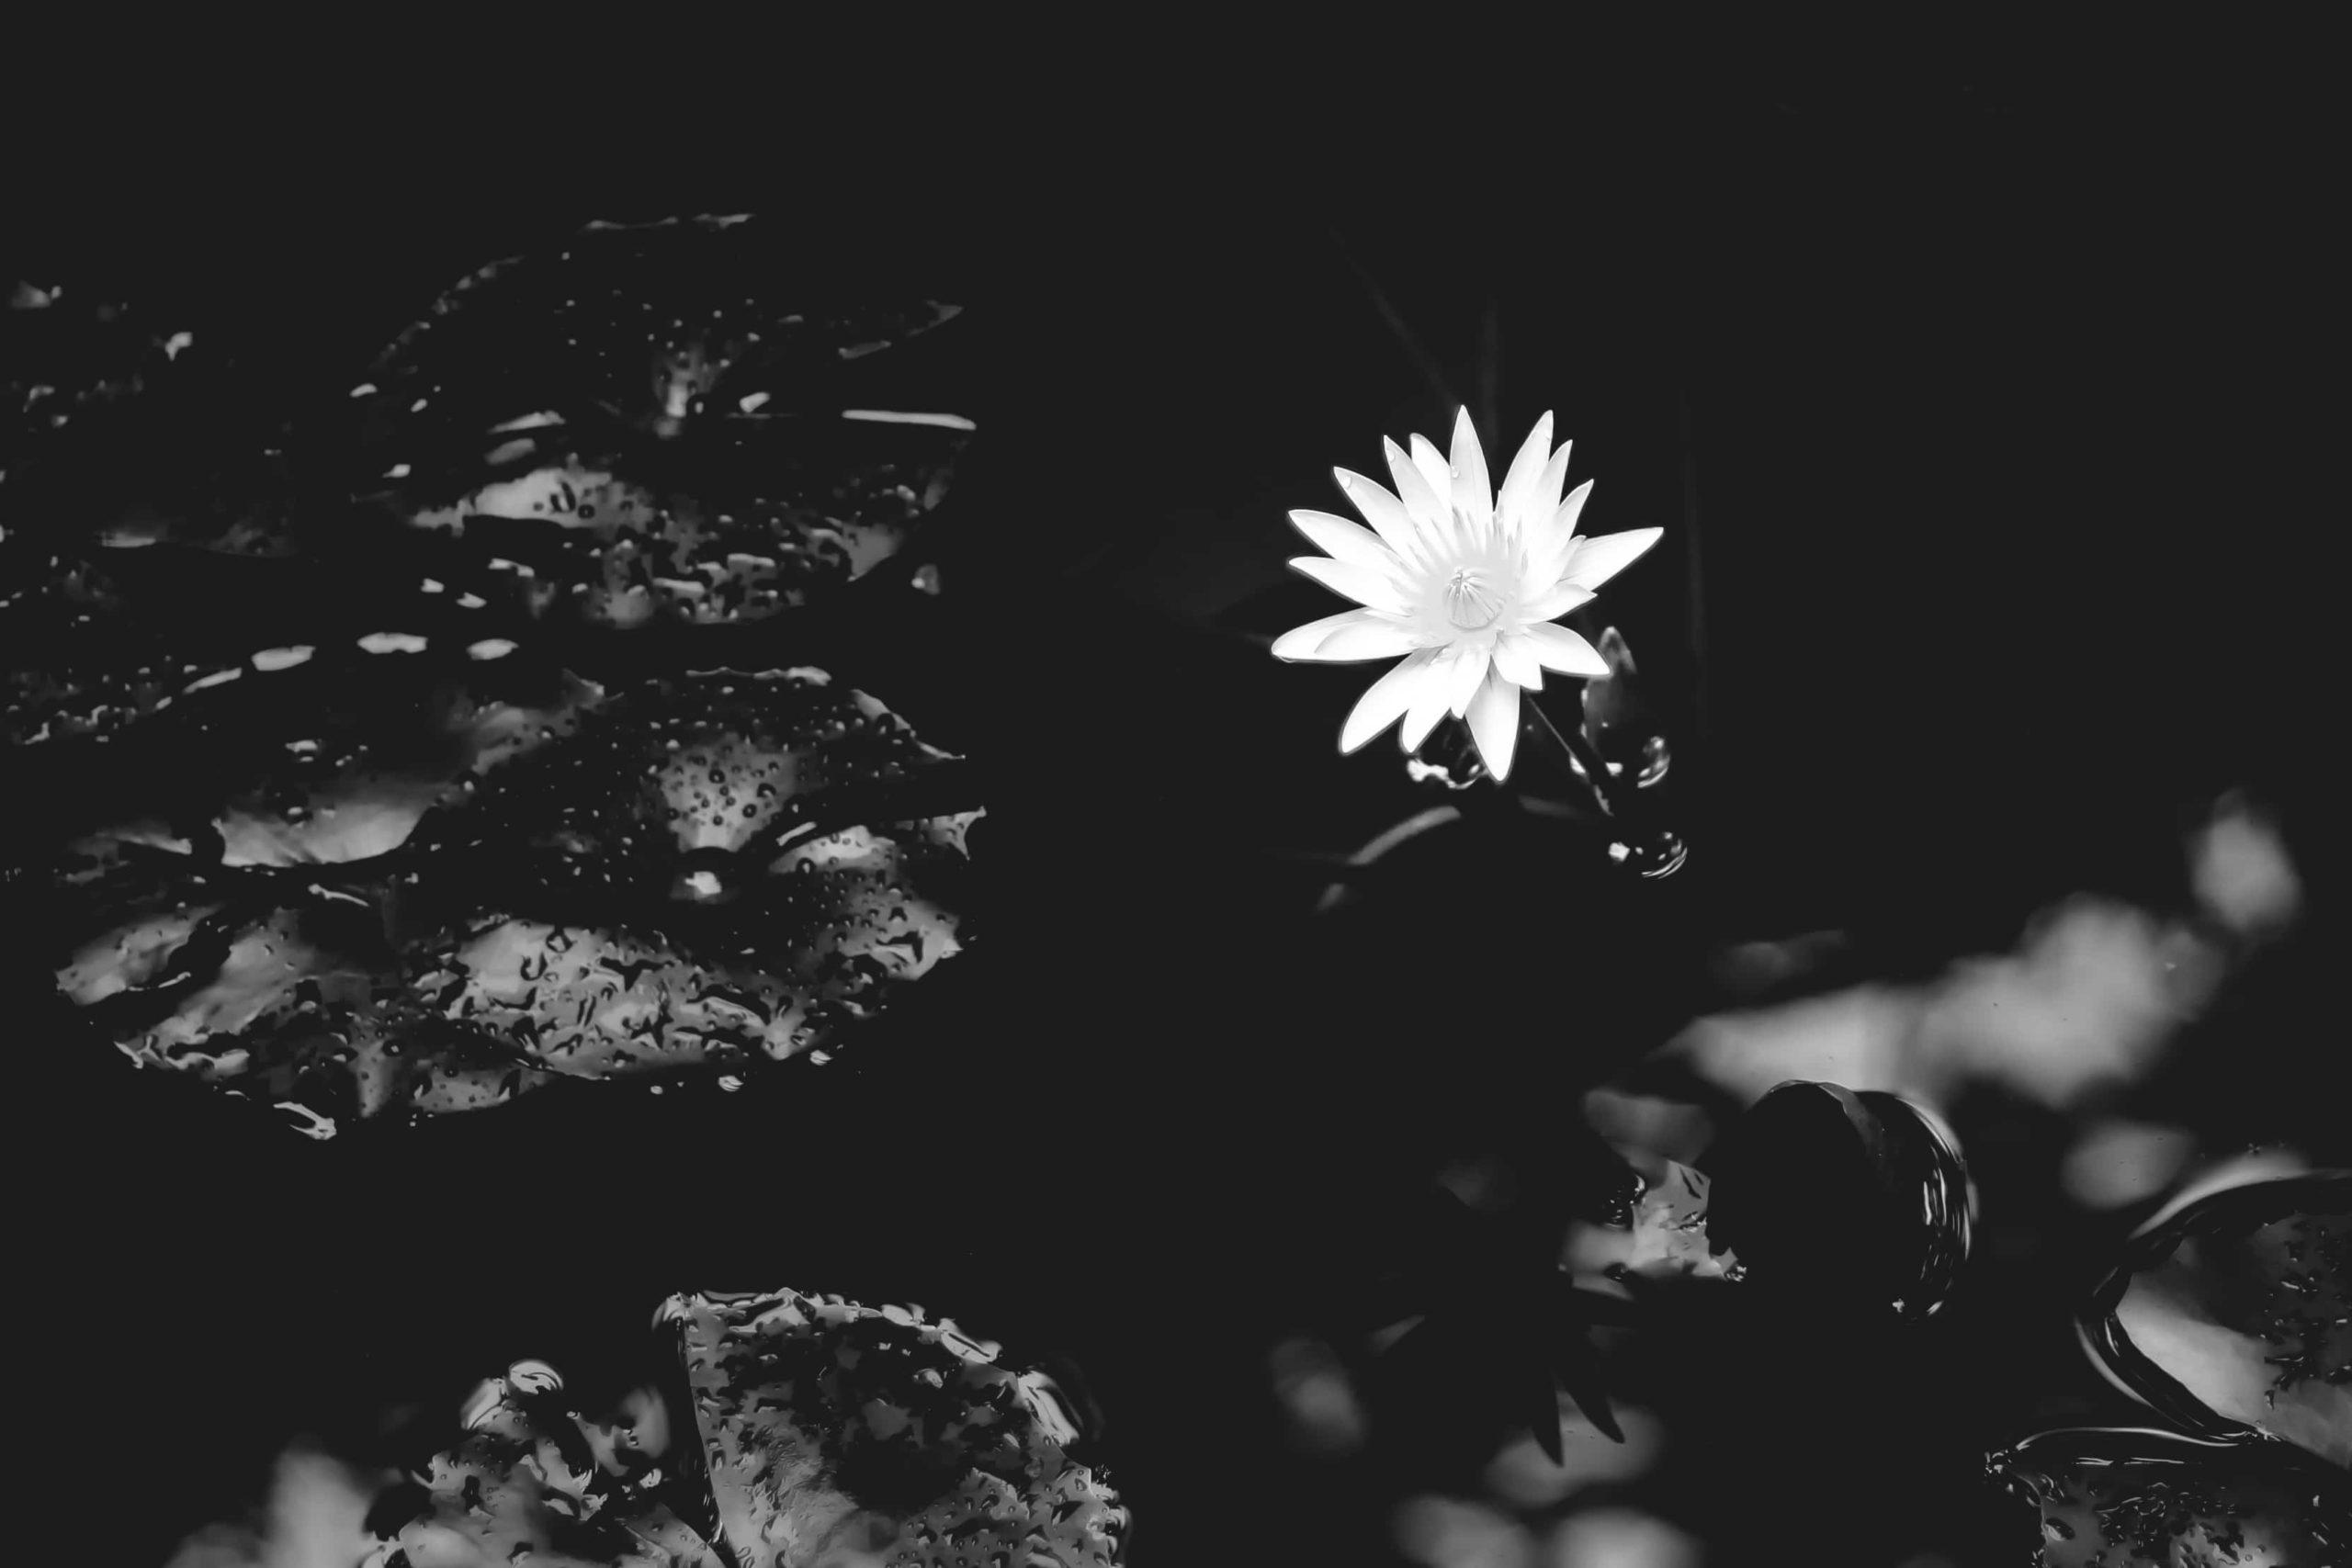 漆黒の世界に咲く1輪の睡蓮